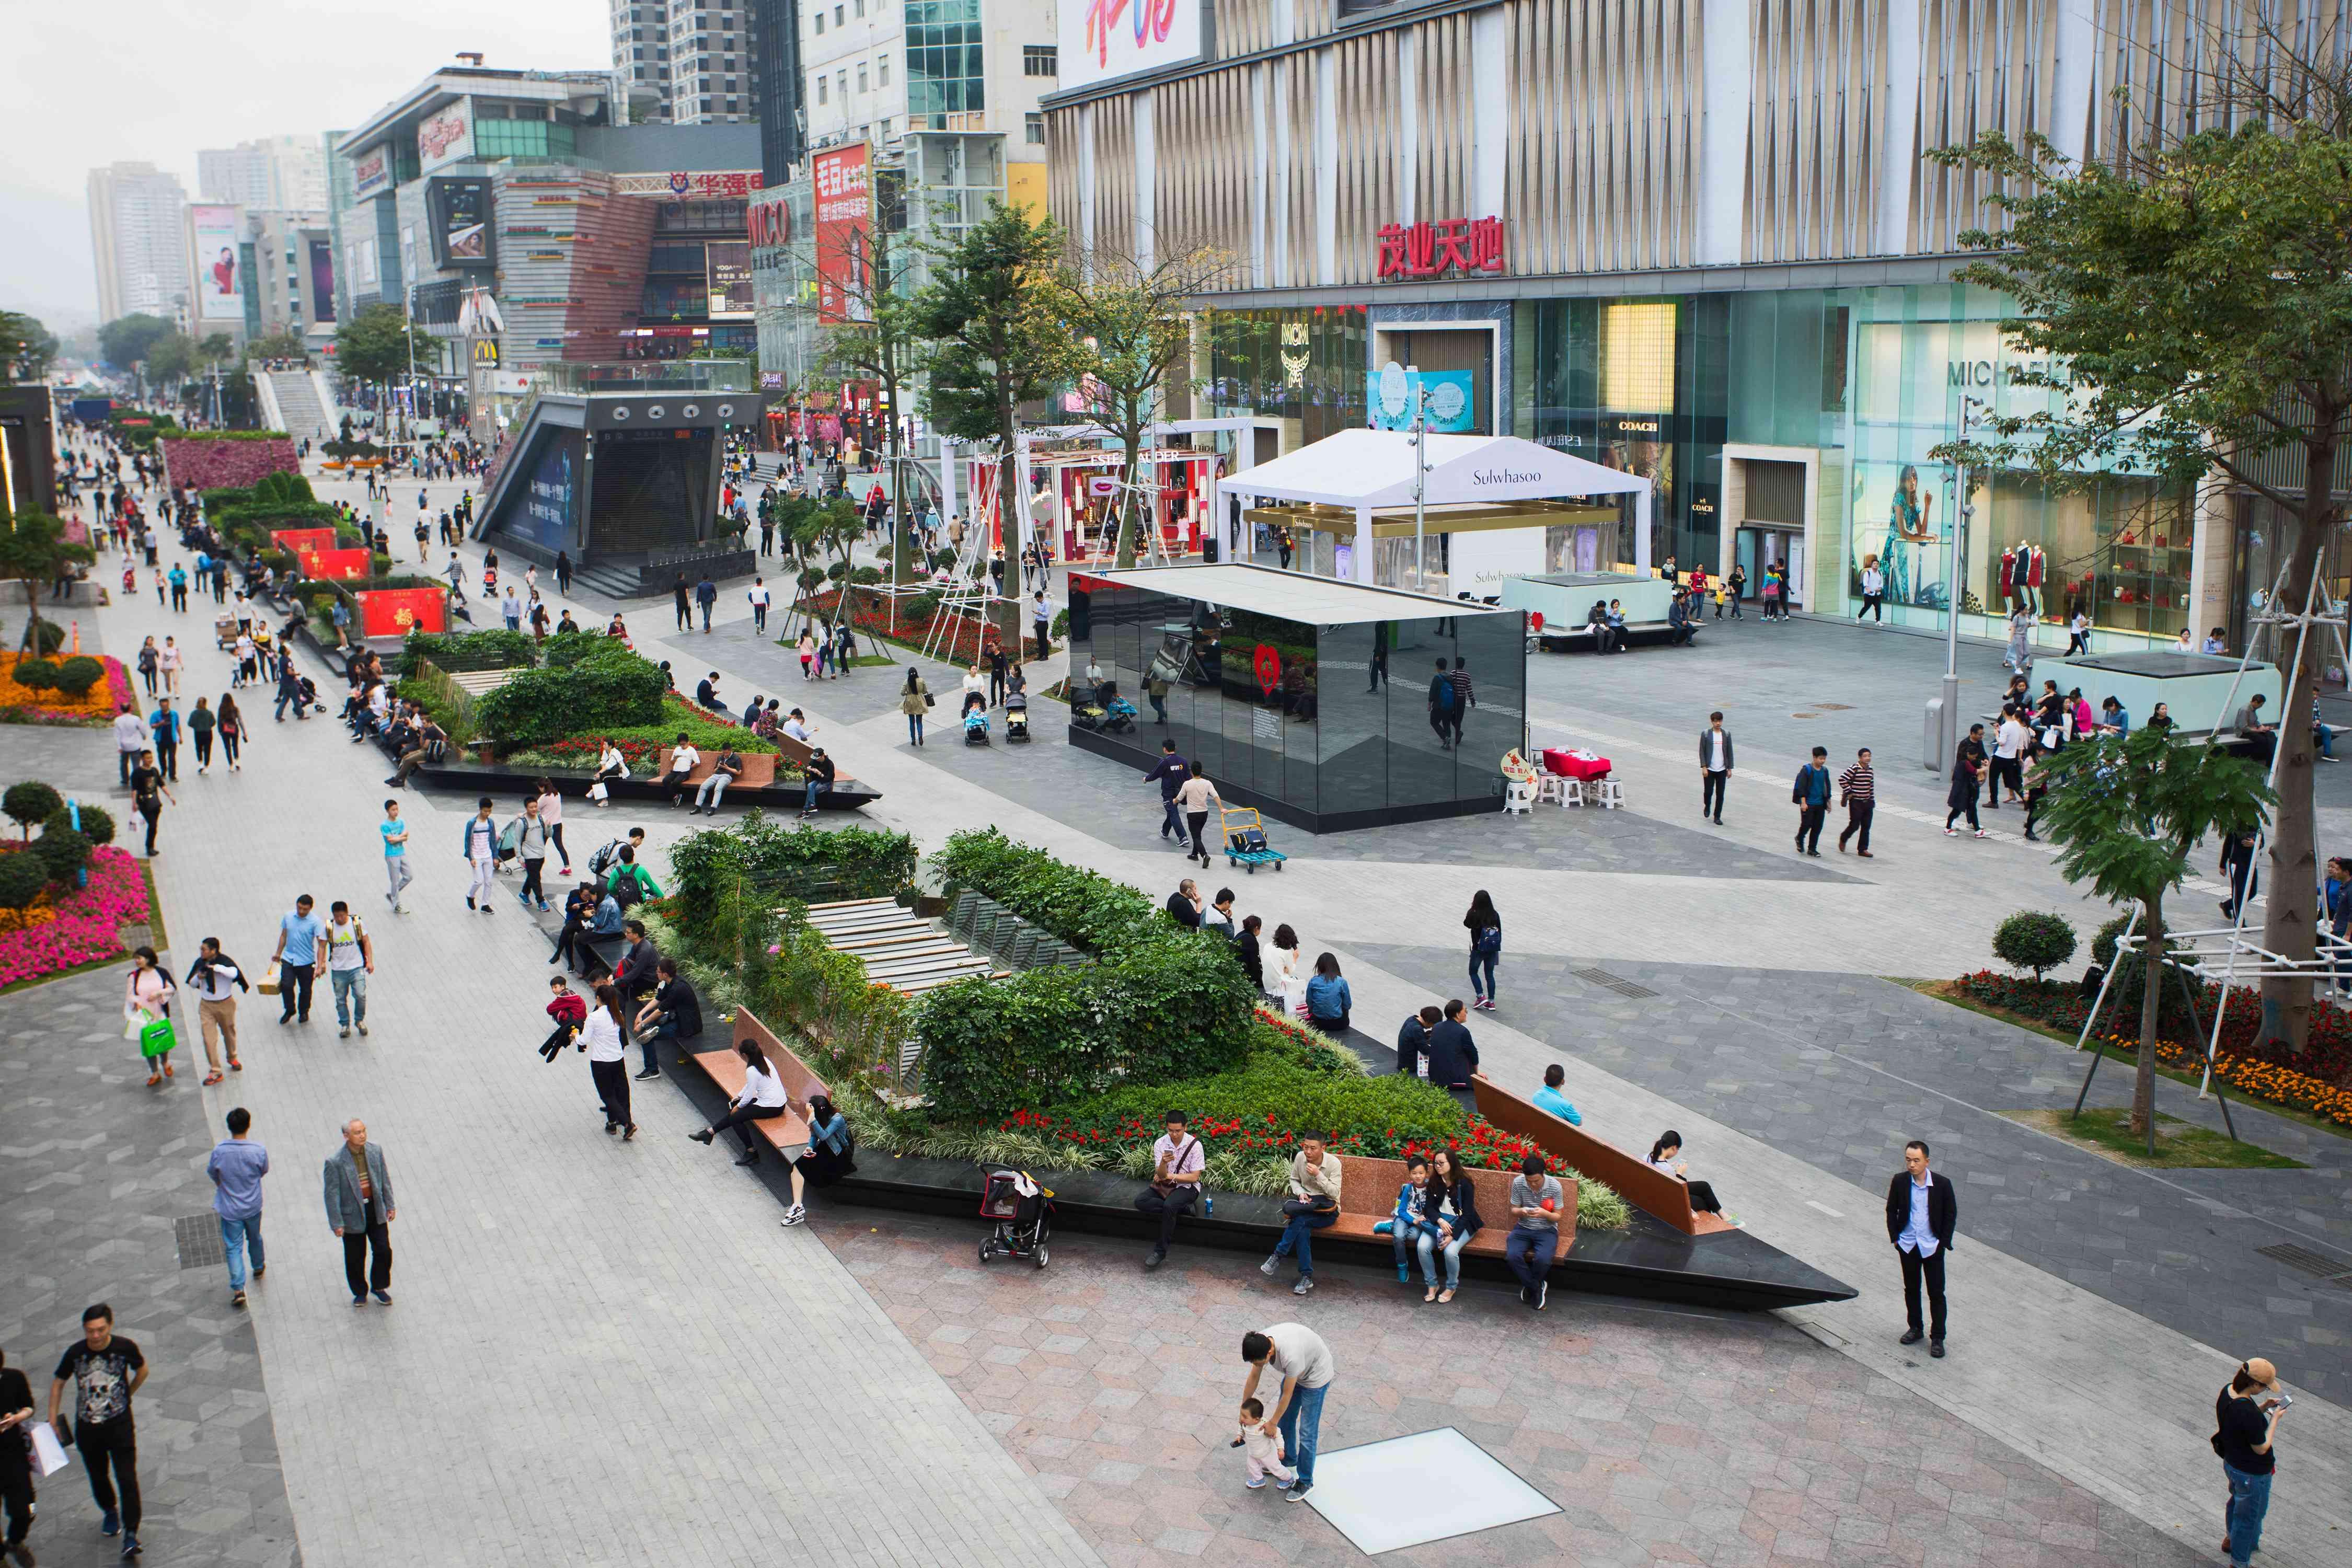 Street view of Huaqiangbei electronics shopping district in Shenzhen